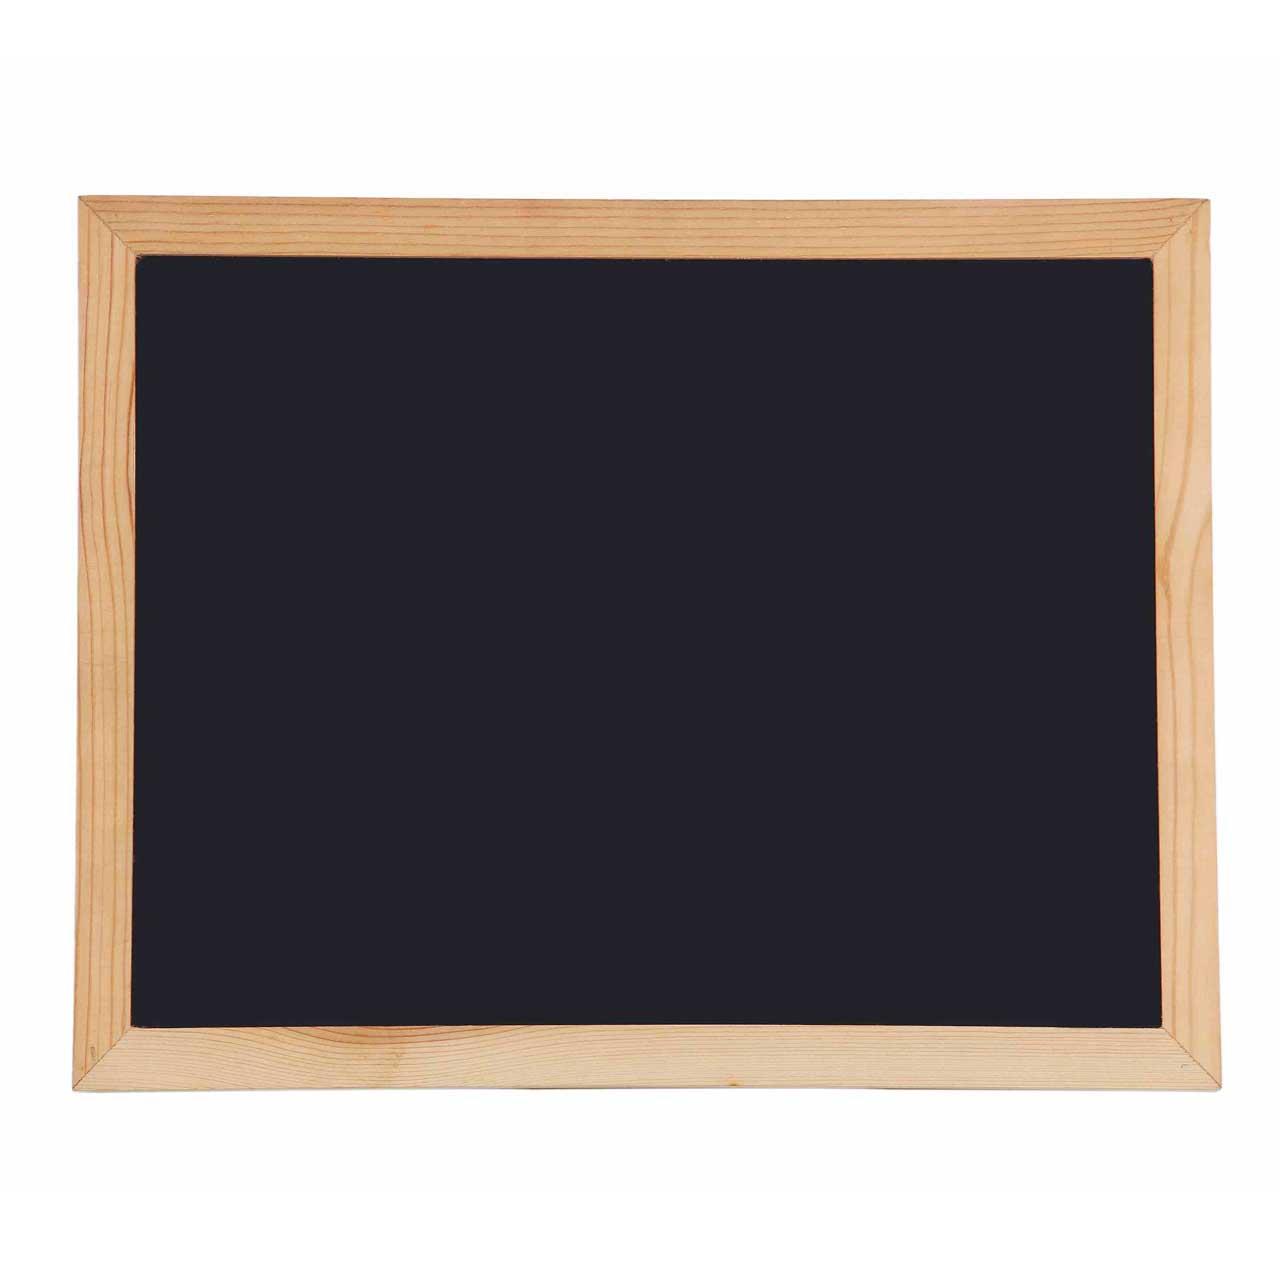 تخته سیاه گچی مدل 2in1 سایز 30 در 40